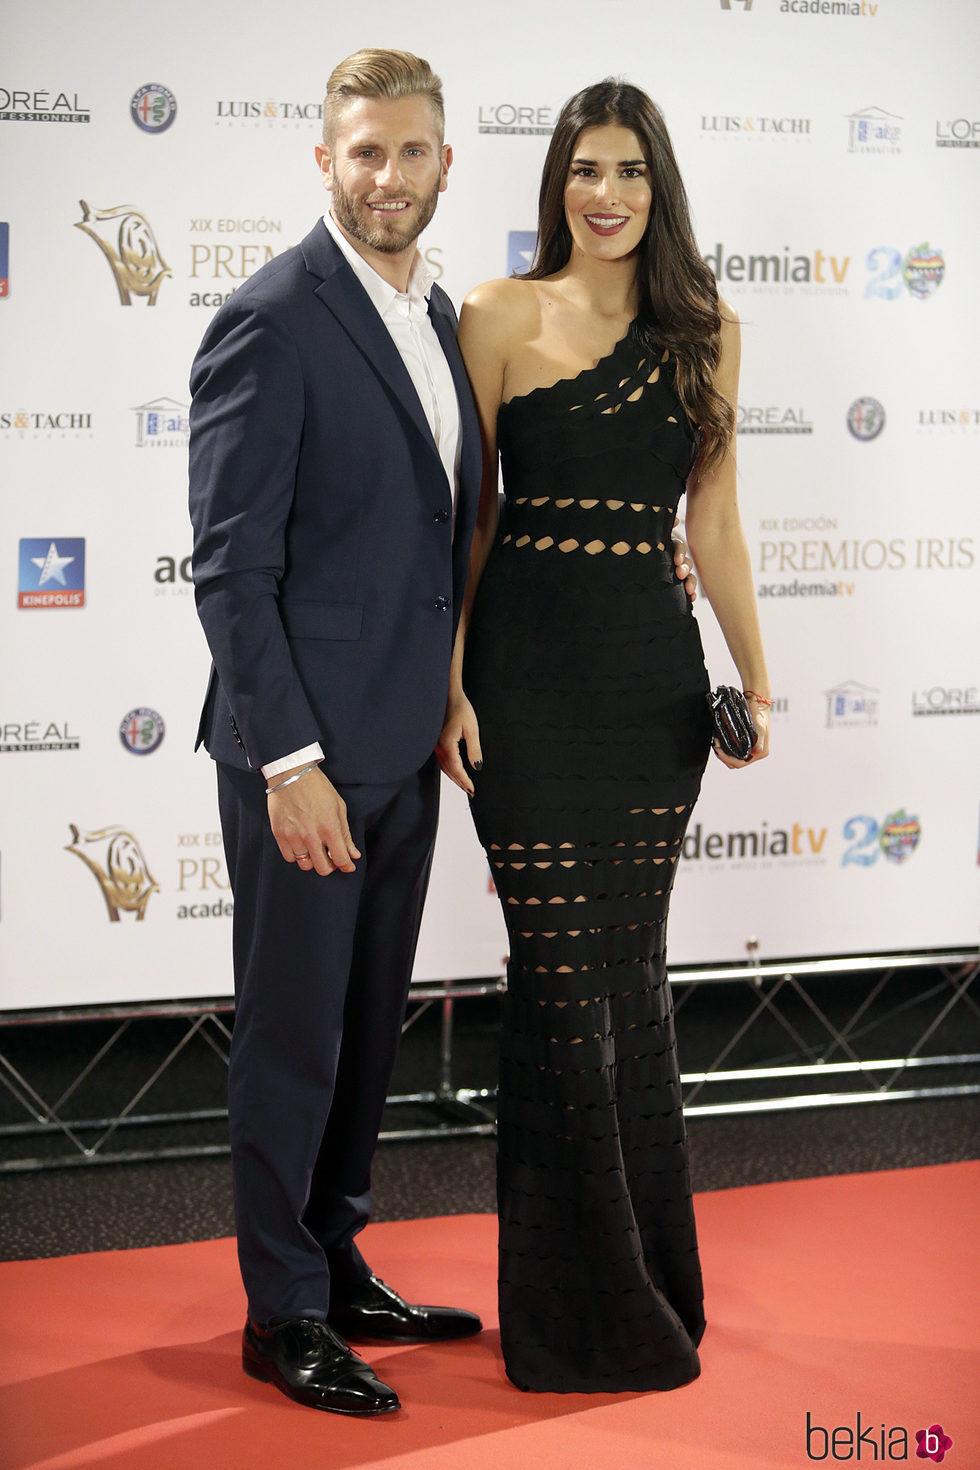 Matías Roure y Lidia Torrent en los Premios Iris 2017